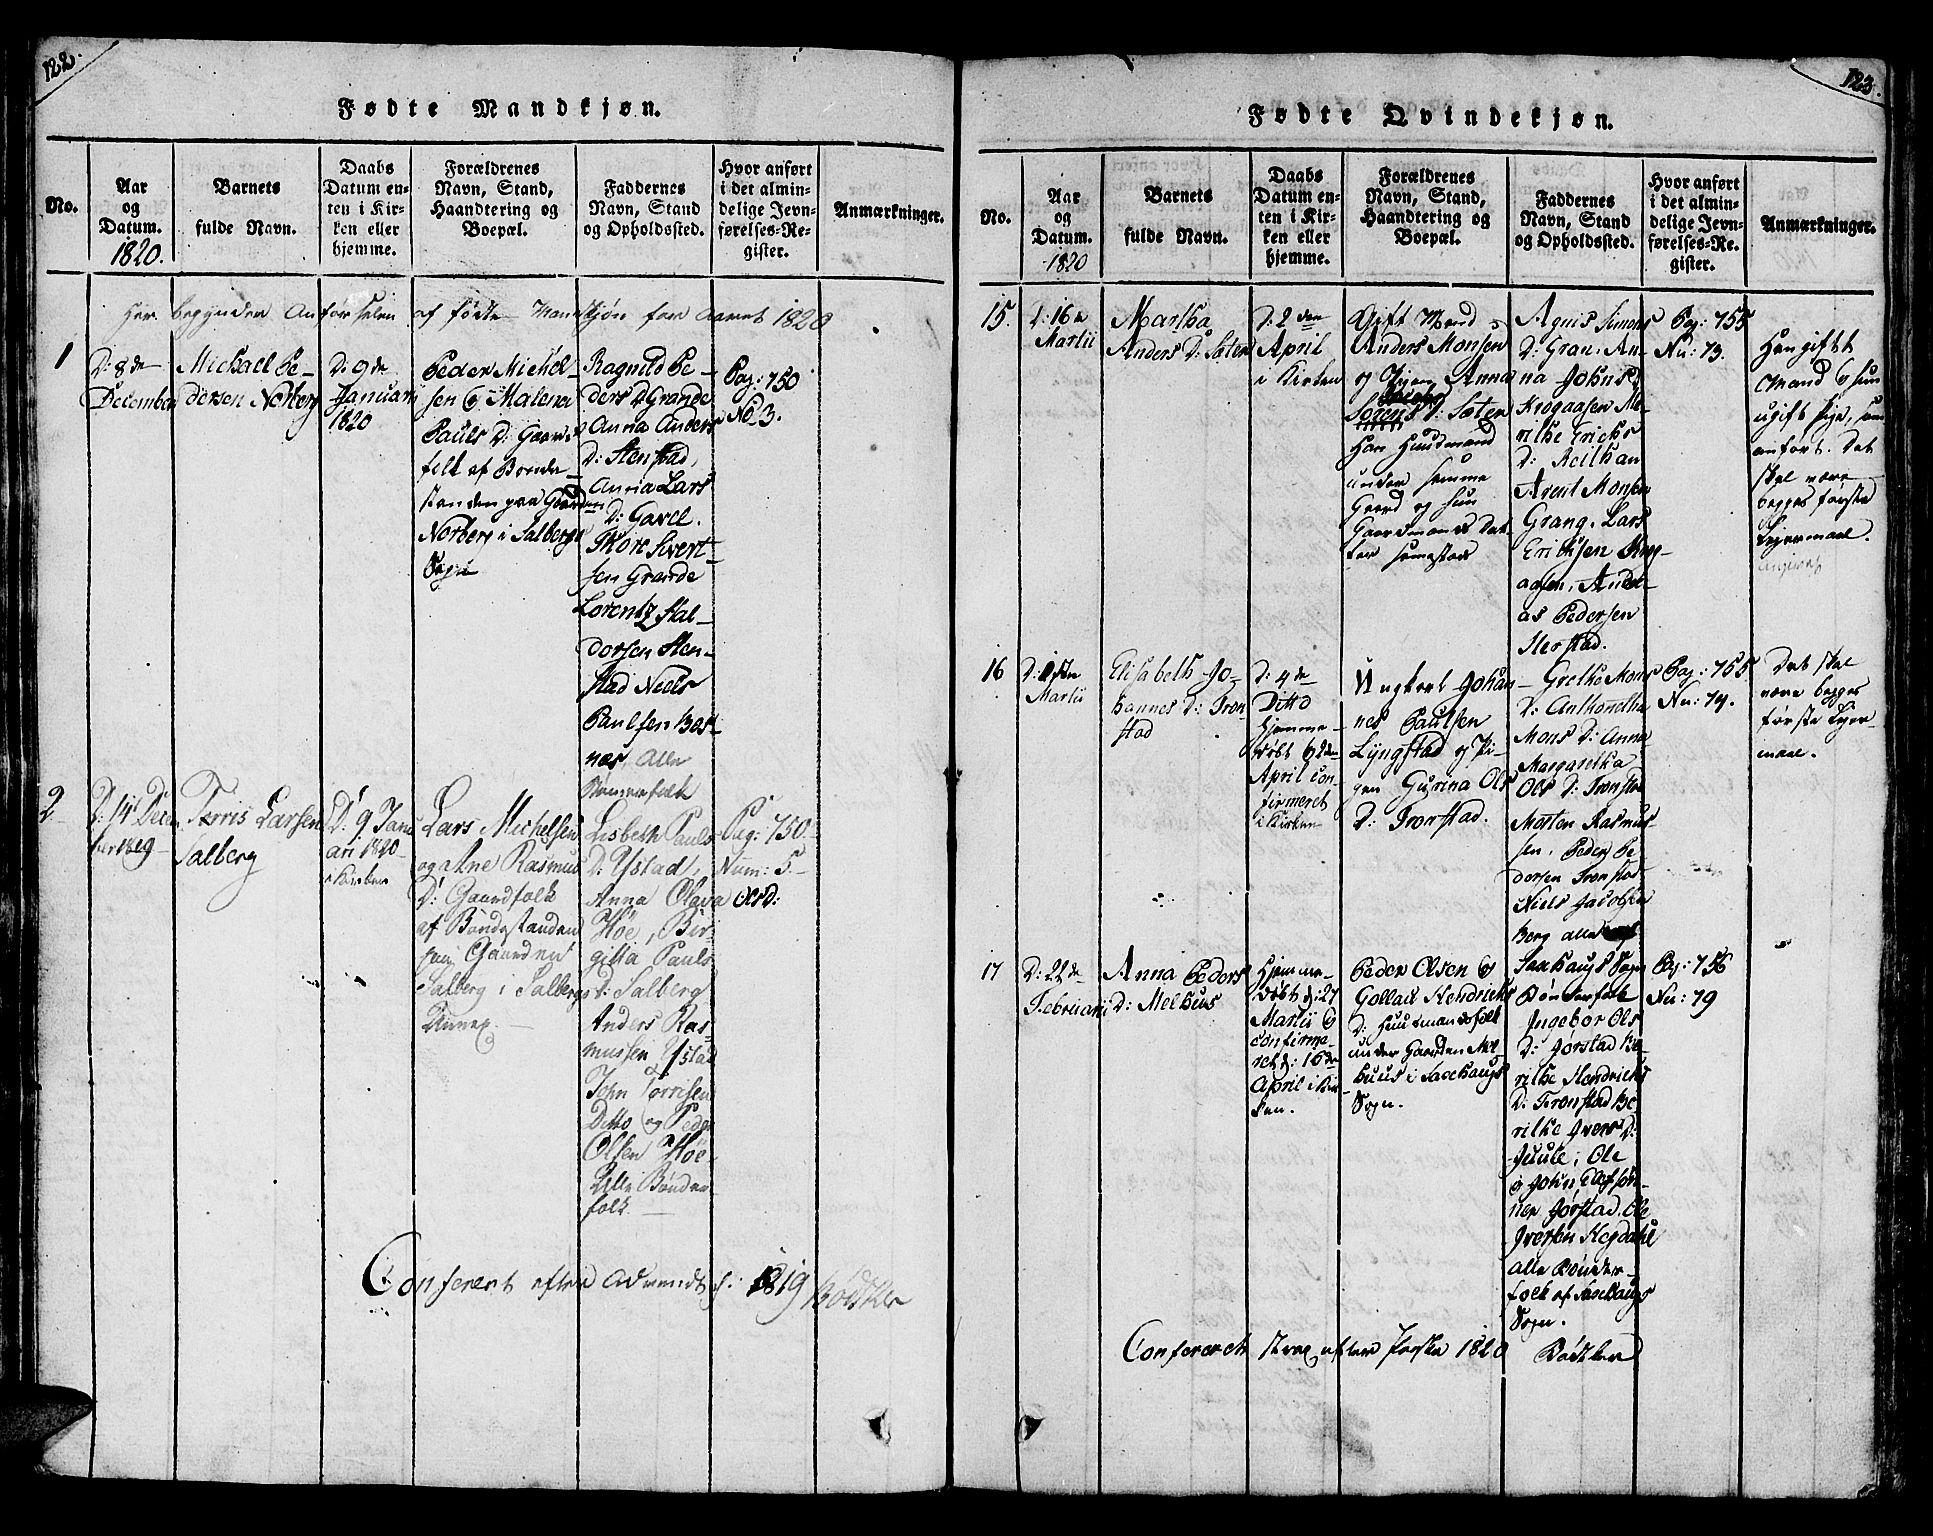 SAT, Ministerialprotokoller, klokkerbøker og fødselsregistre - Nord-Trøndelag, 730/L0275: Ministerialbok nr. 730A04, 1816-1822, s. 122-123